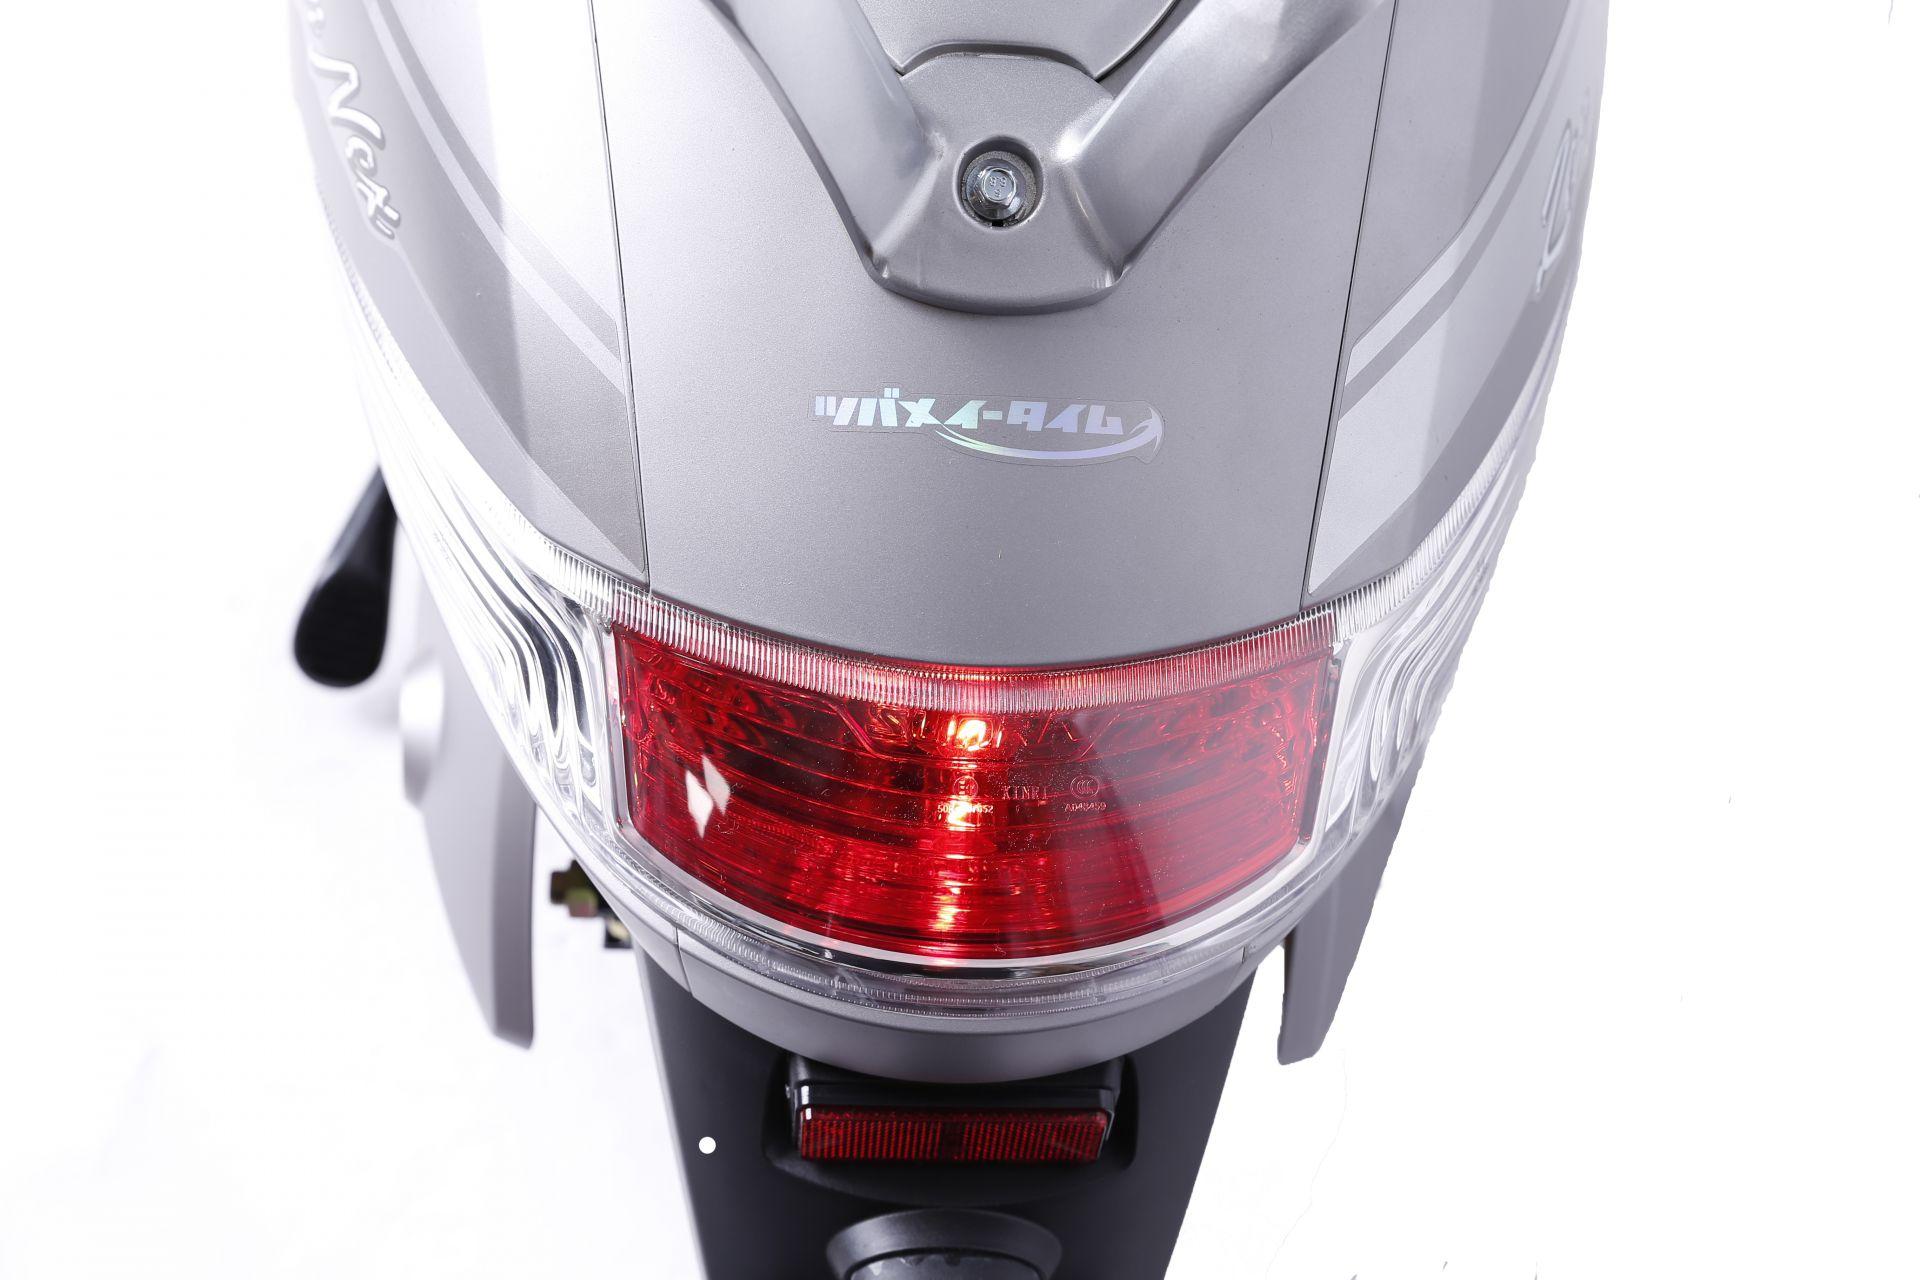 Xe máy điện Vespa Tsubame Zenex có hệ thống đèn chiếu hậu tinh tế